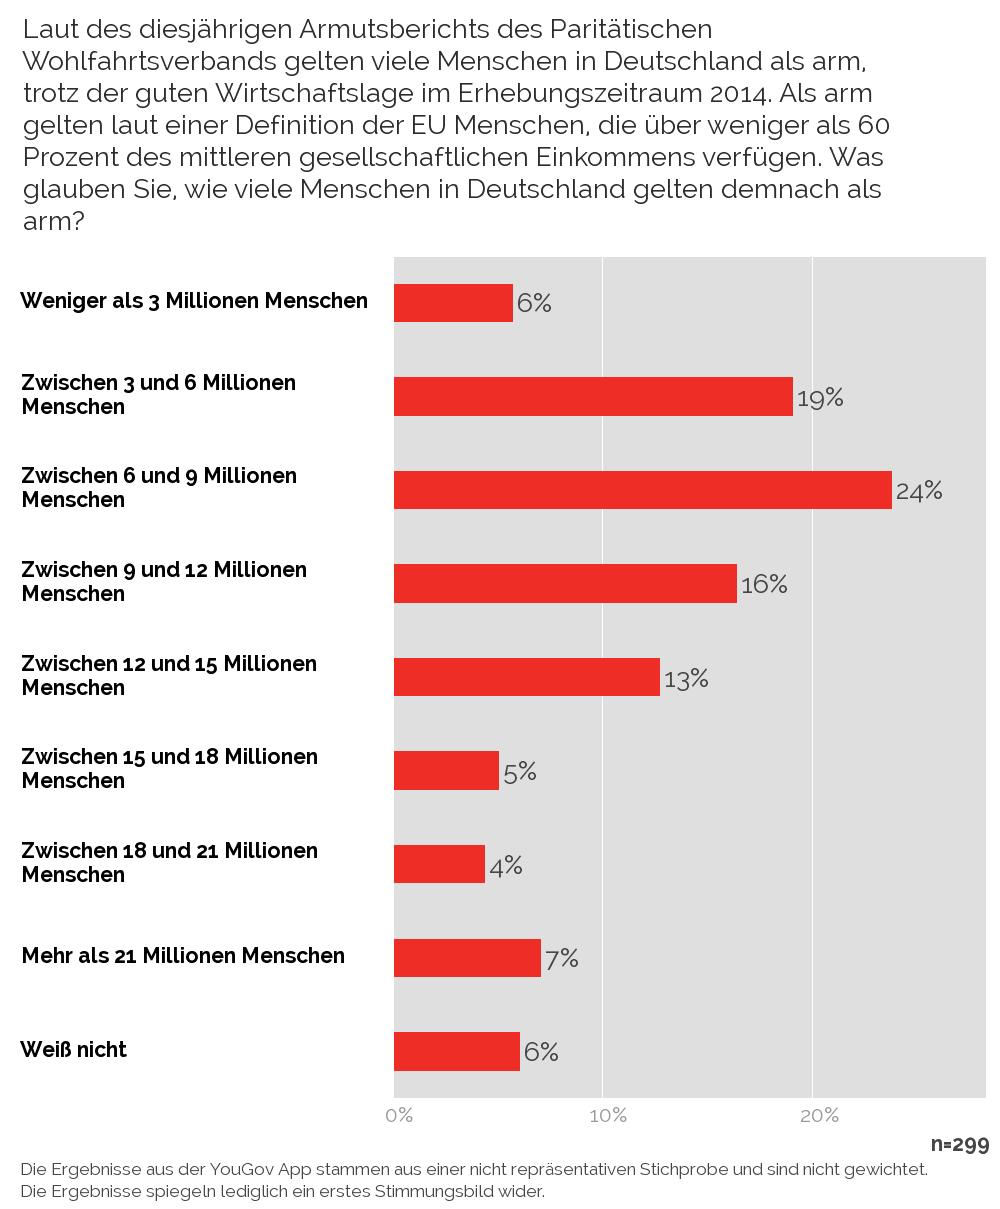 yougov wie viele menschen gelten in deutschland als arm rentnerarmut in 20 jahren ab wann. Black Bedroom Furniture Sets. Home Design Ideas